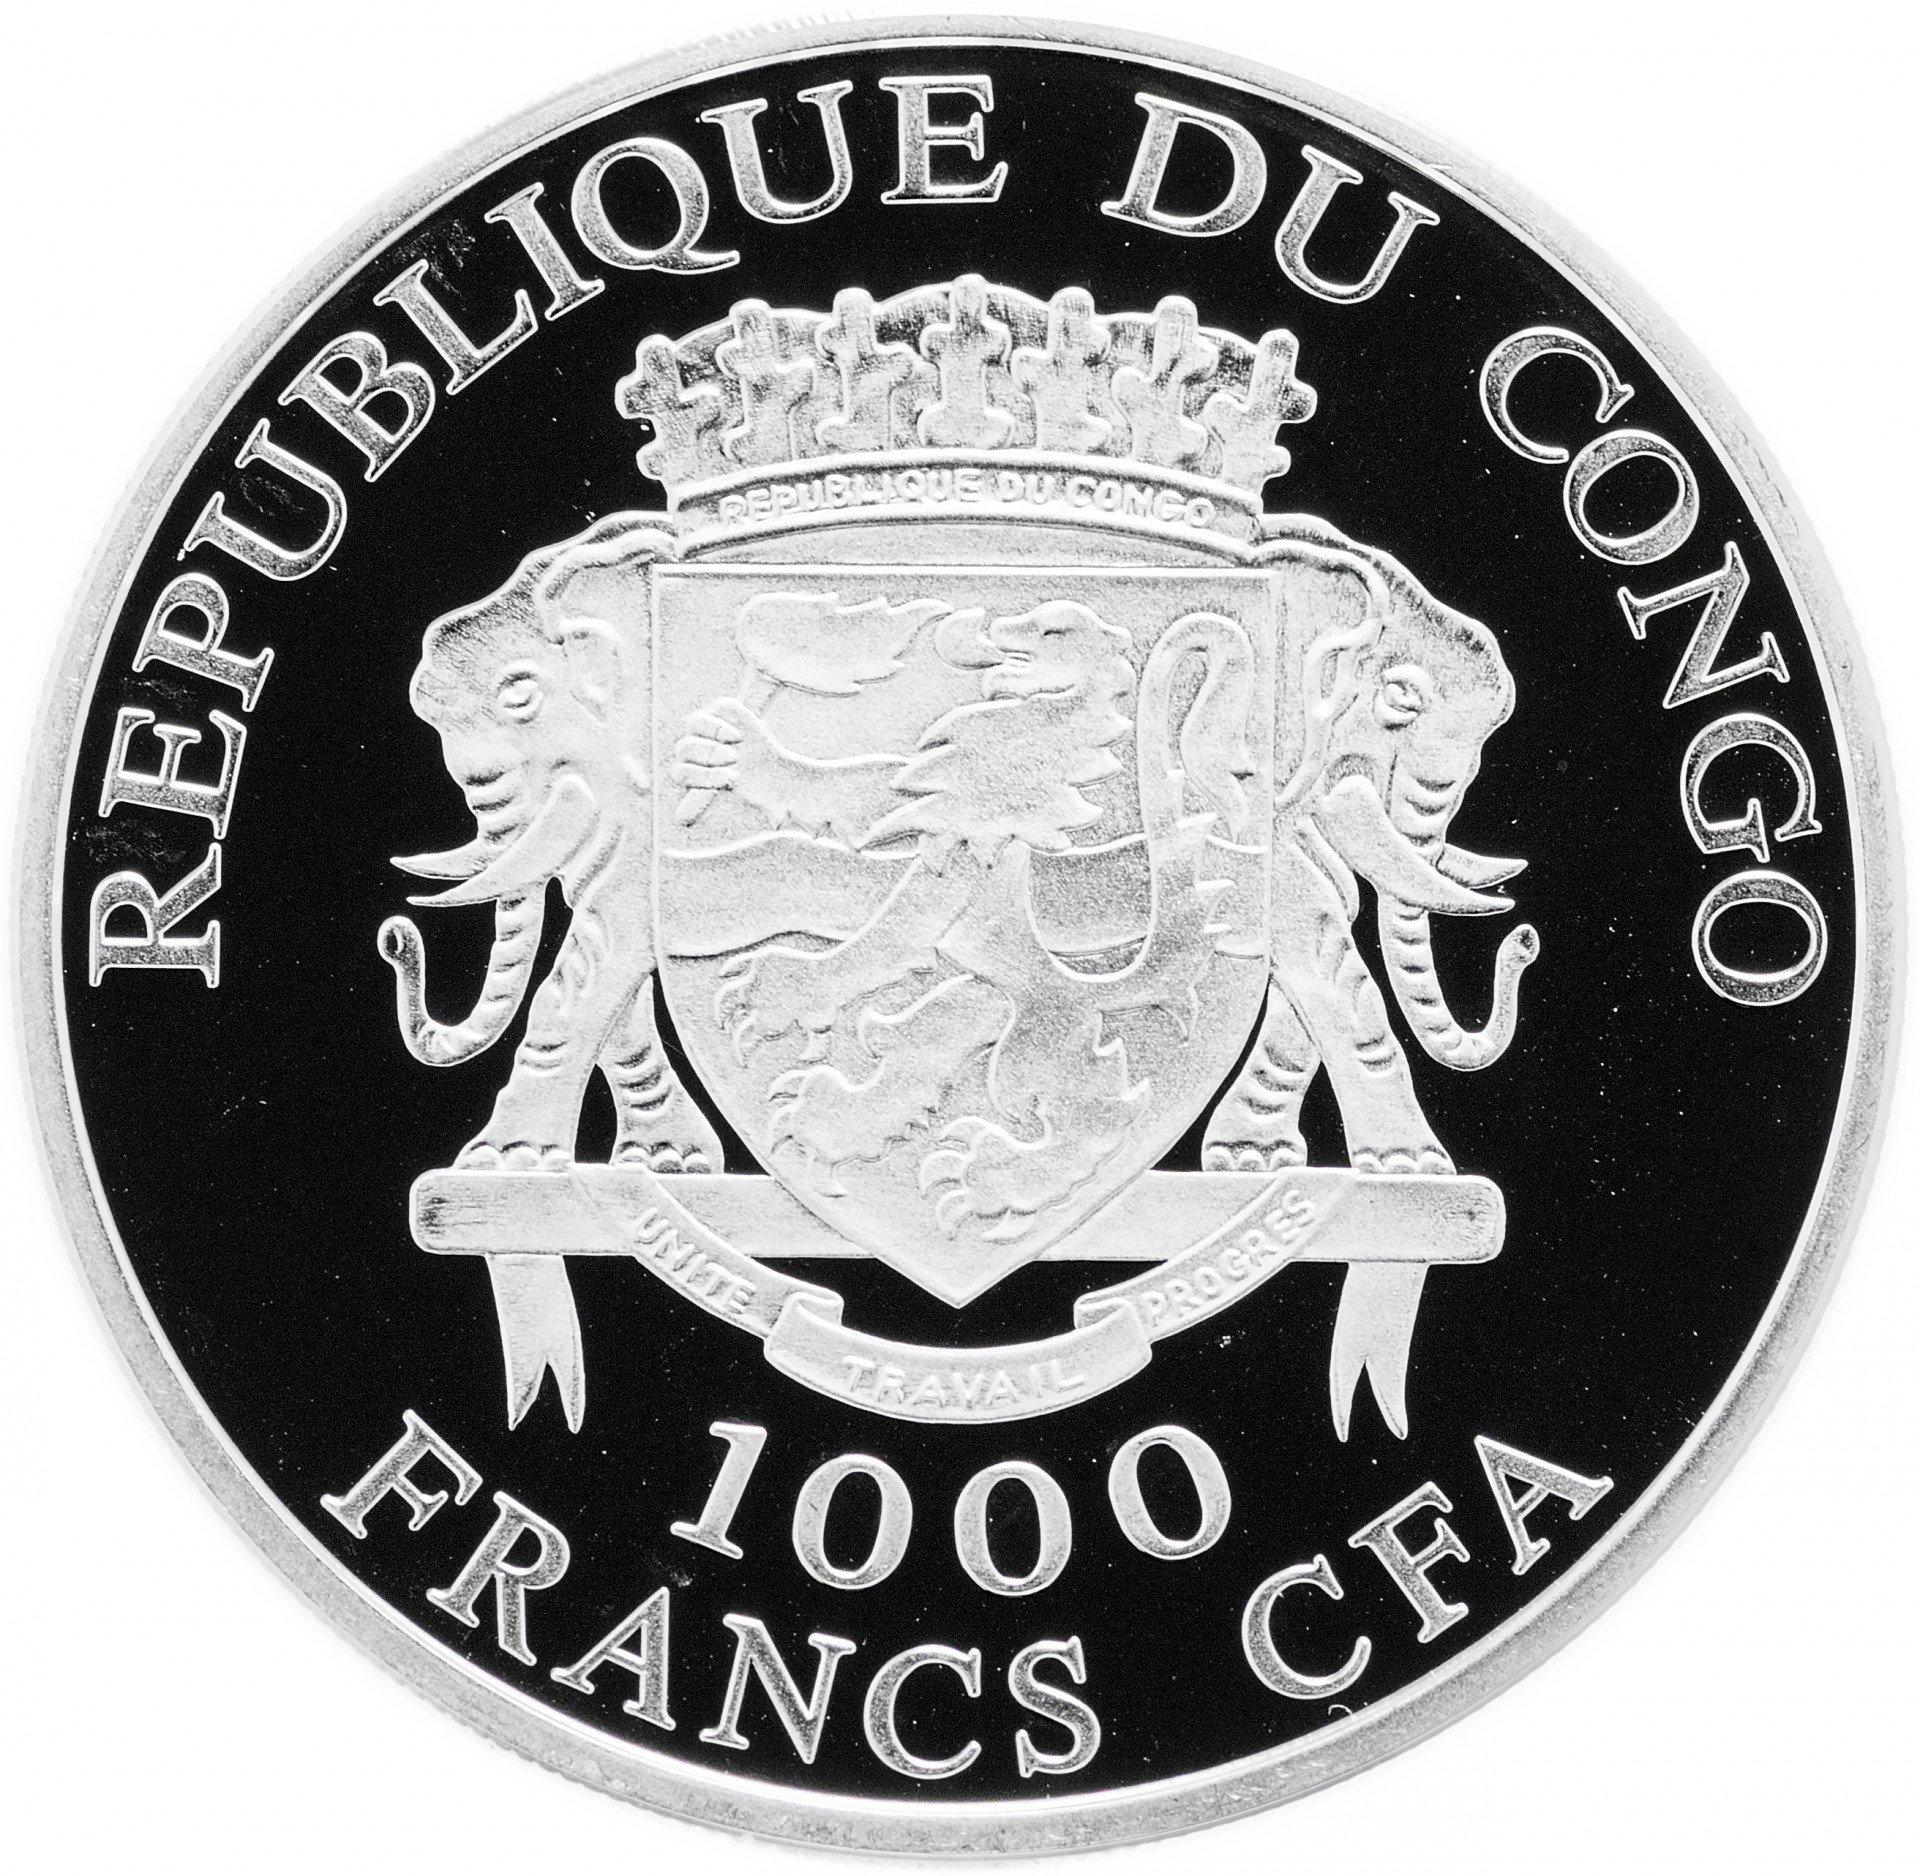 Купить 1000 франков с петром и февронией сколько стоит десять рублей 1909 года бумажный